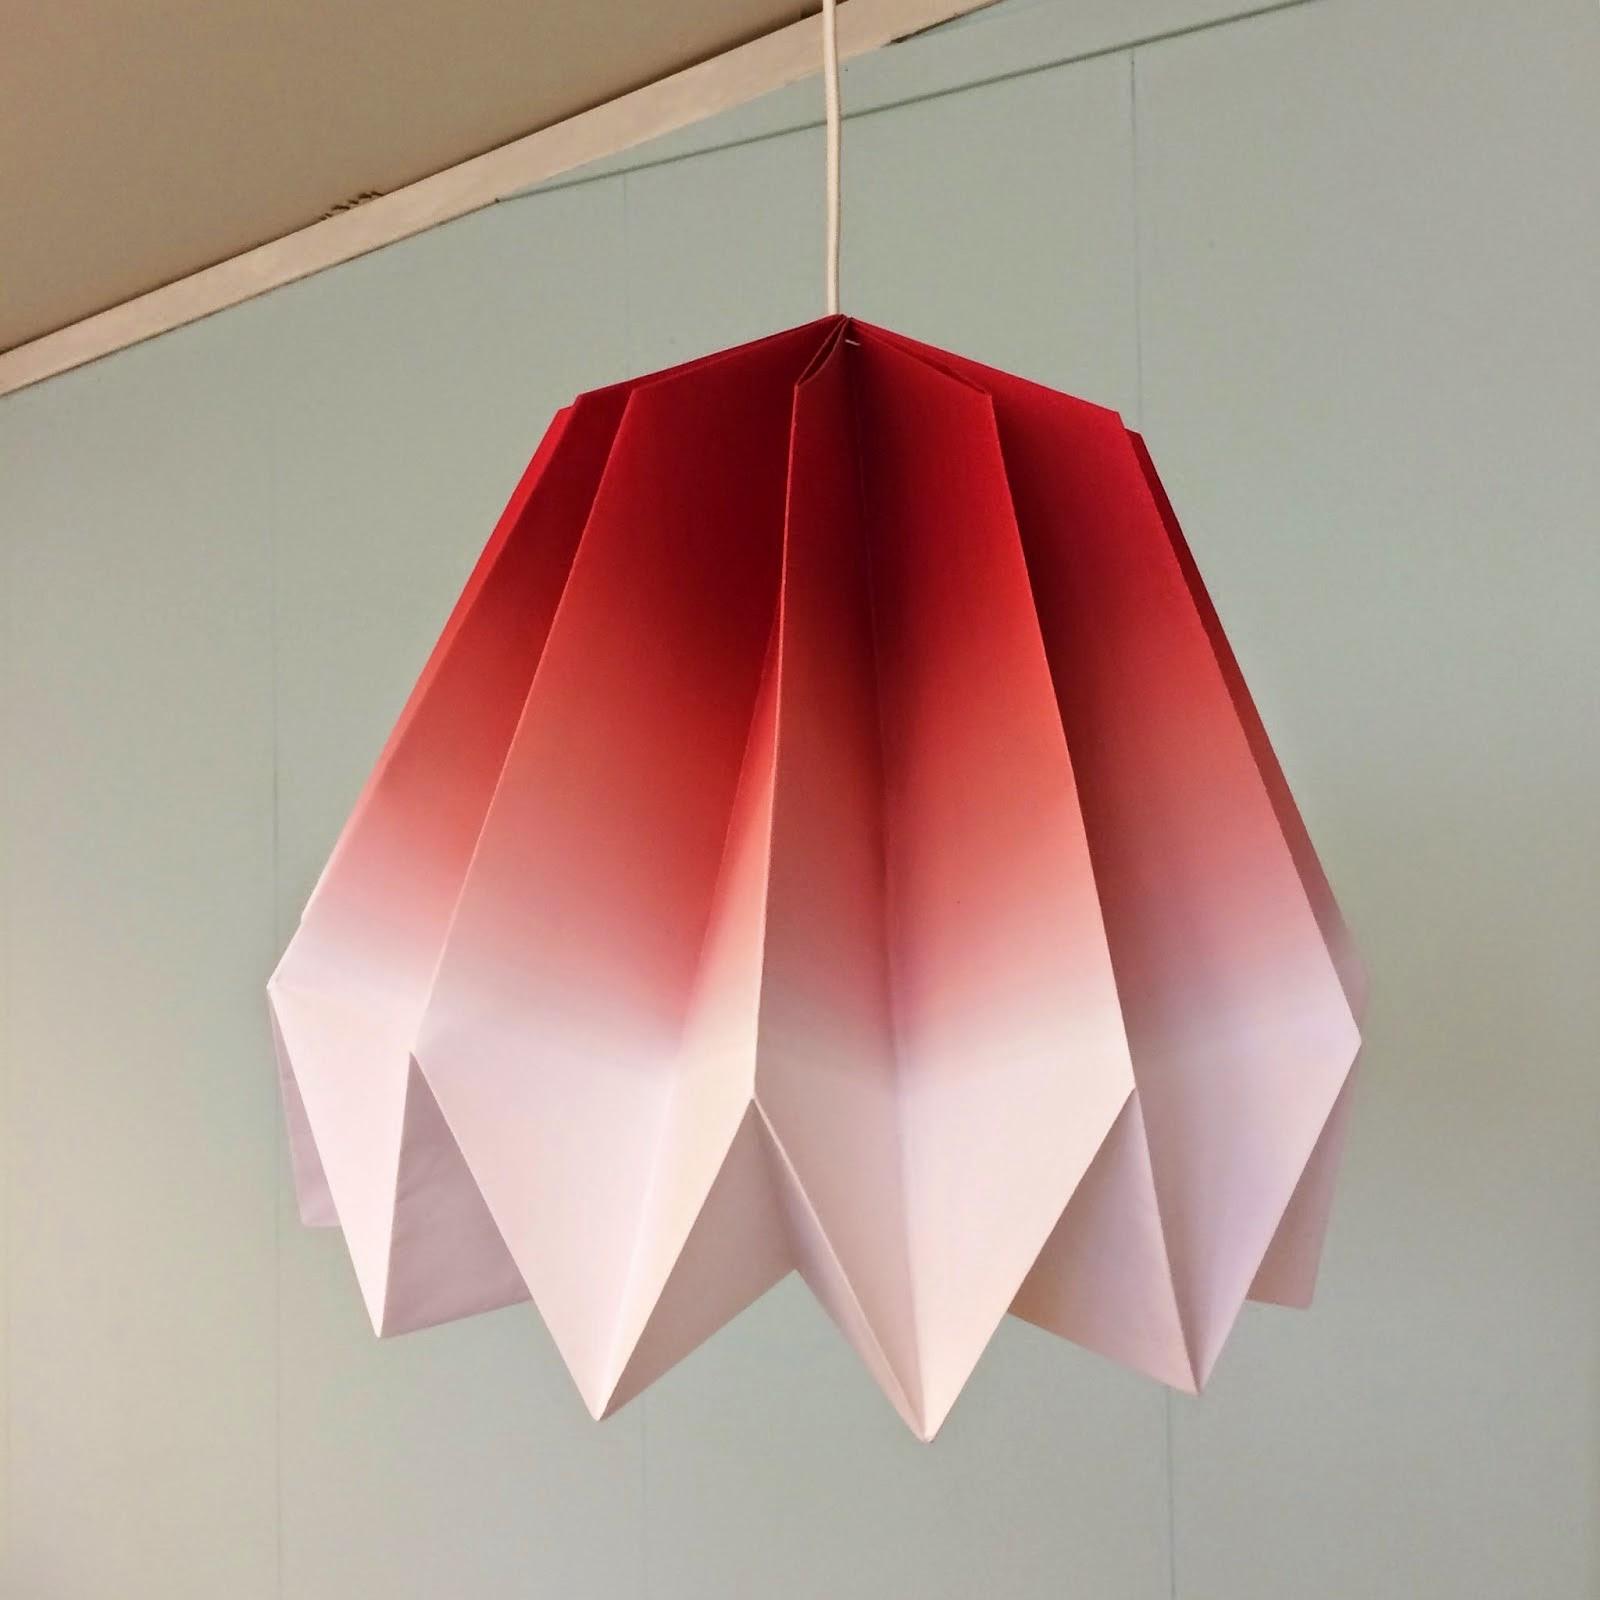 Interiør og utstillingsdesign: interiØr frelst: lampe i bretteteknikk